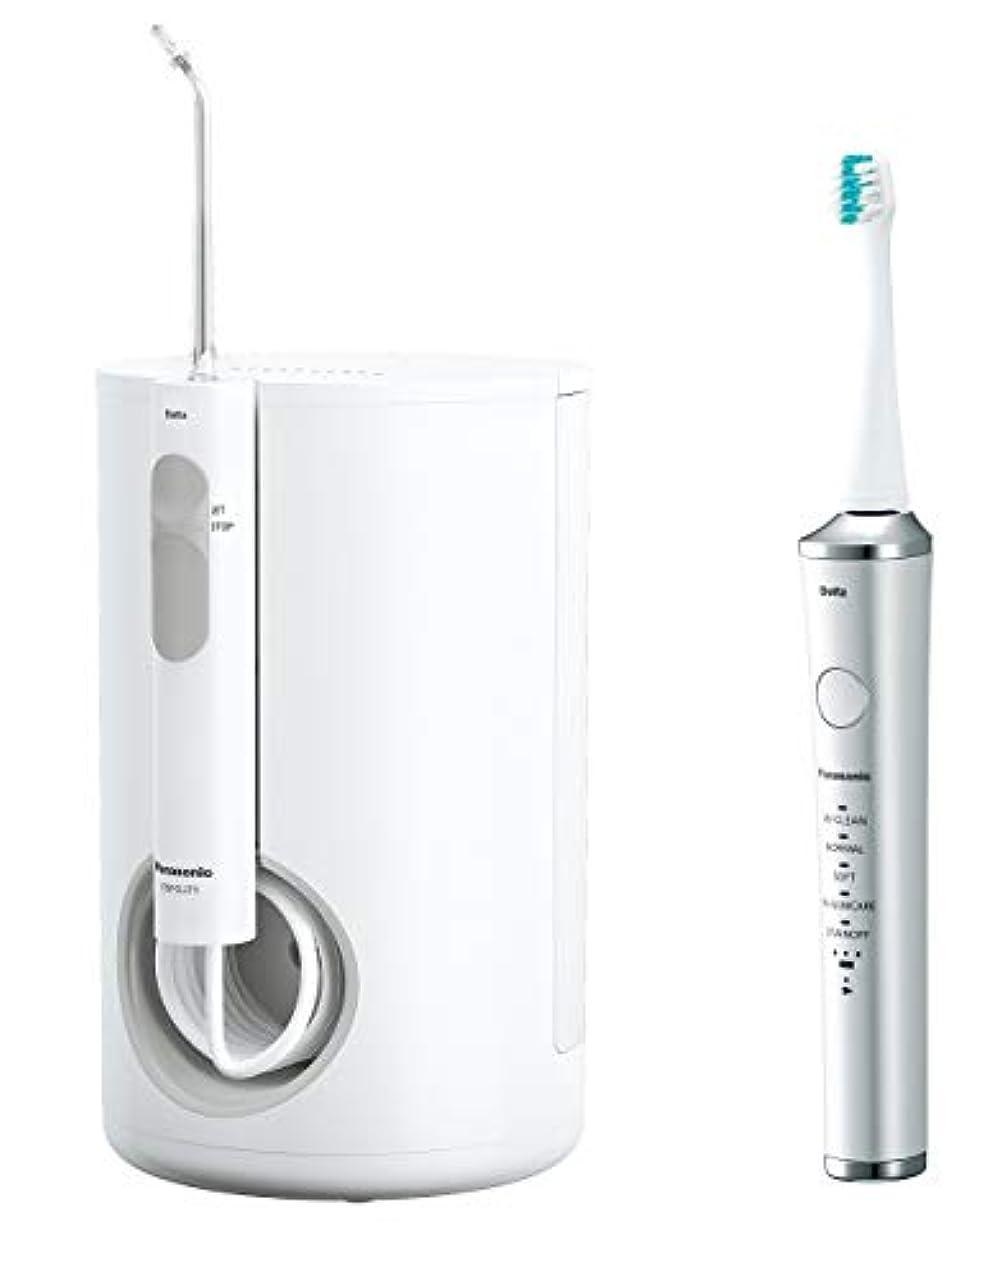 無駄なヘッドレスダルセットパナソニック 口腔洗浄器 ジェットウォッシャー ドルツ 白 EW-DJ71-W + 電動歯ブラシ ドルツ セット